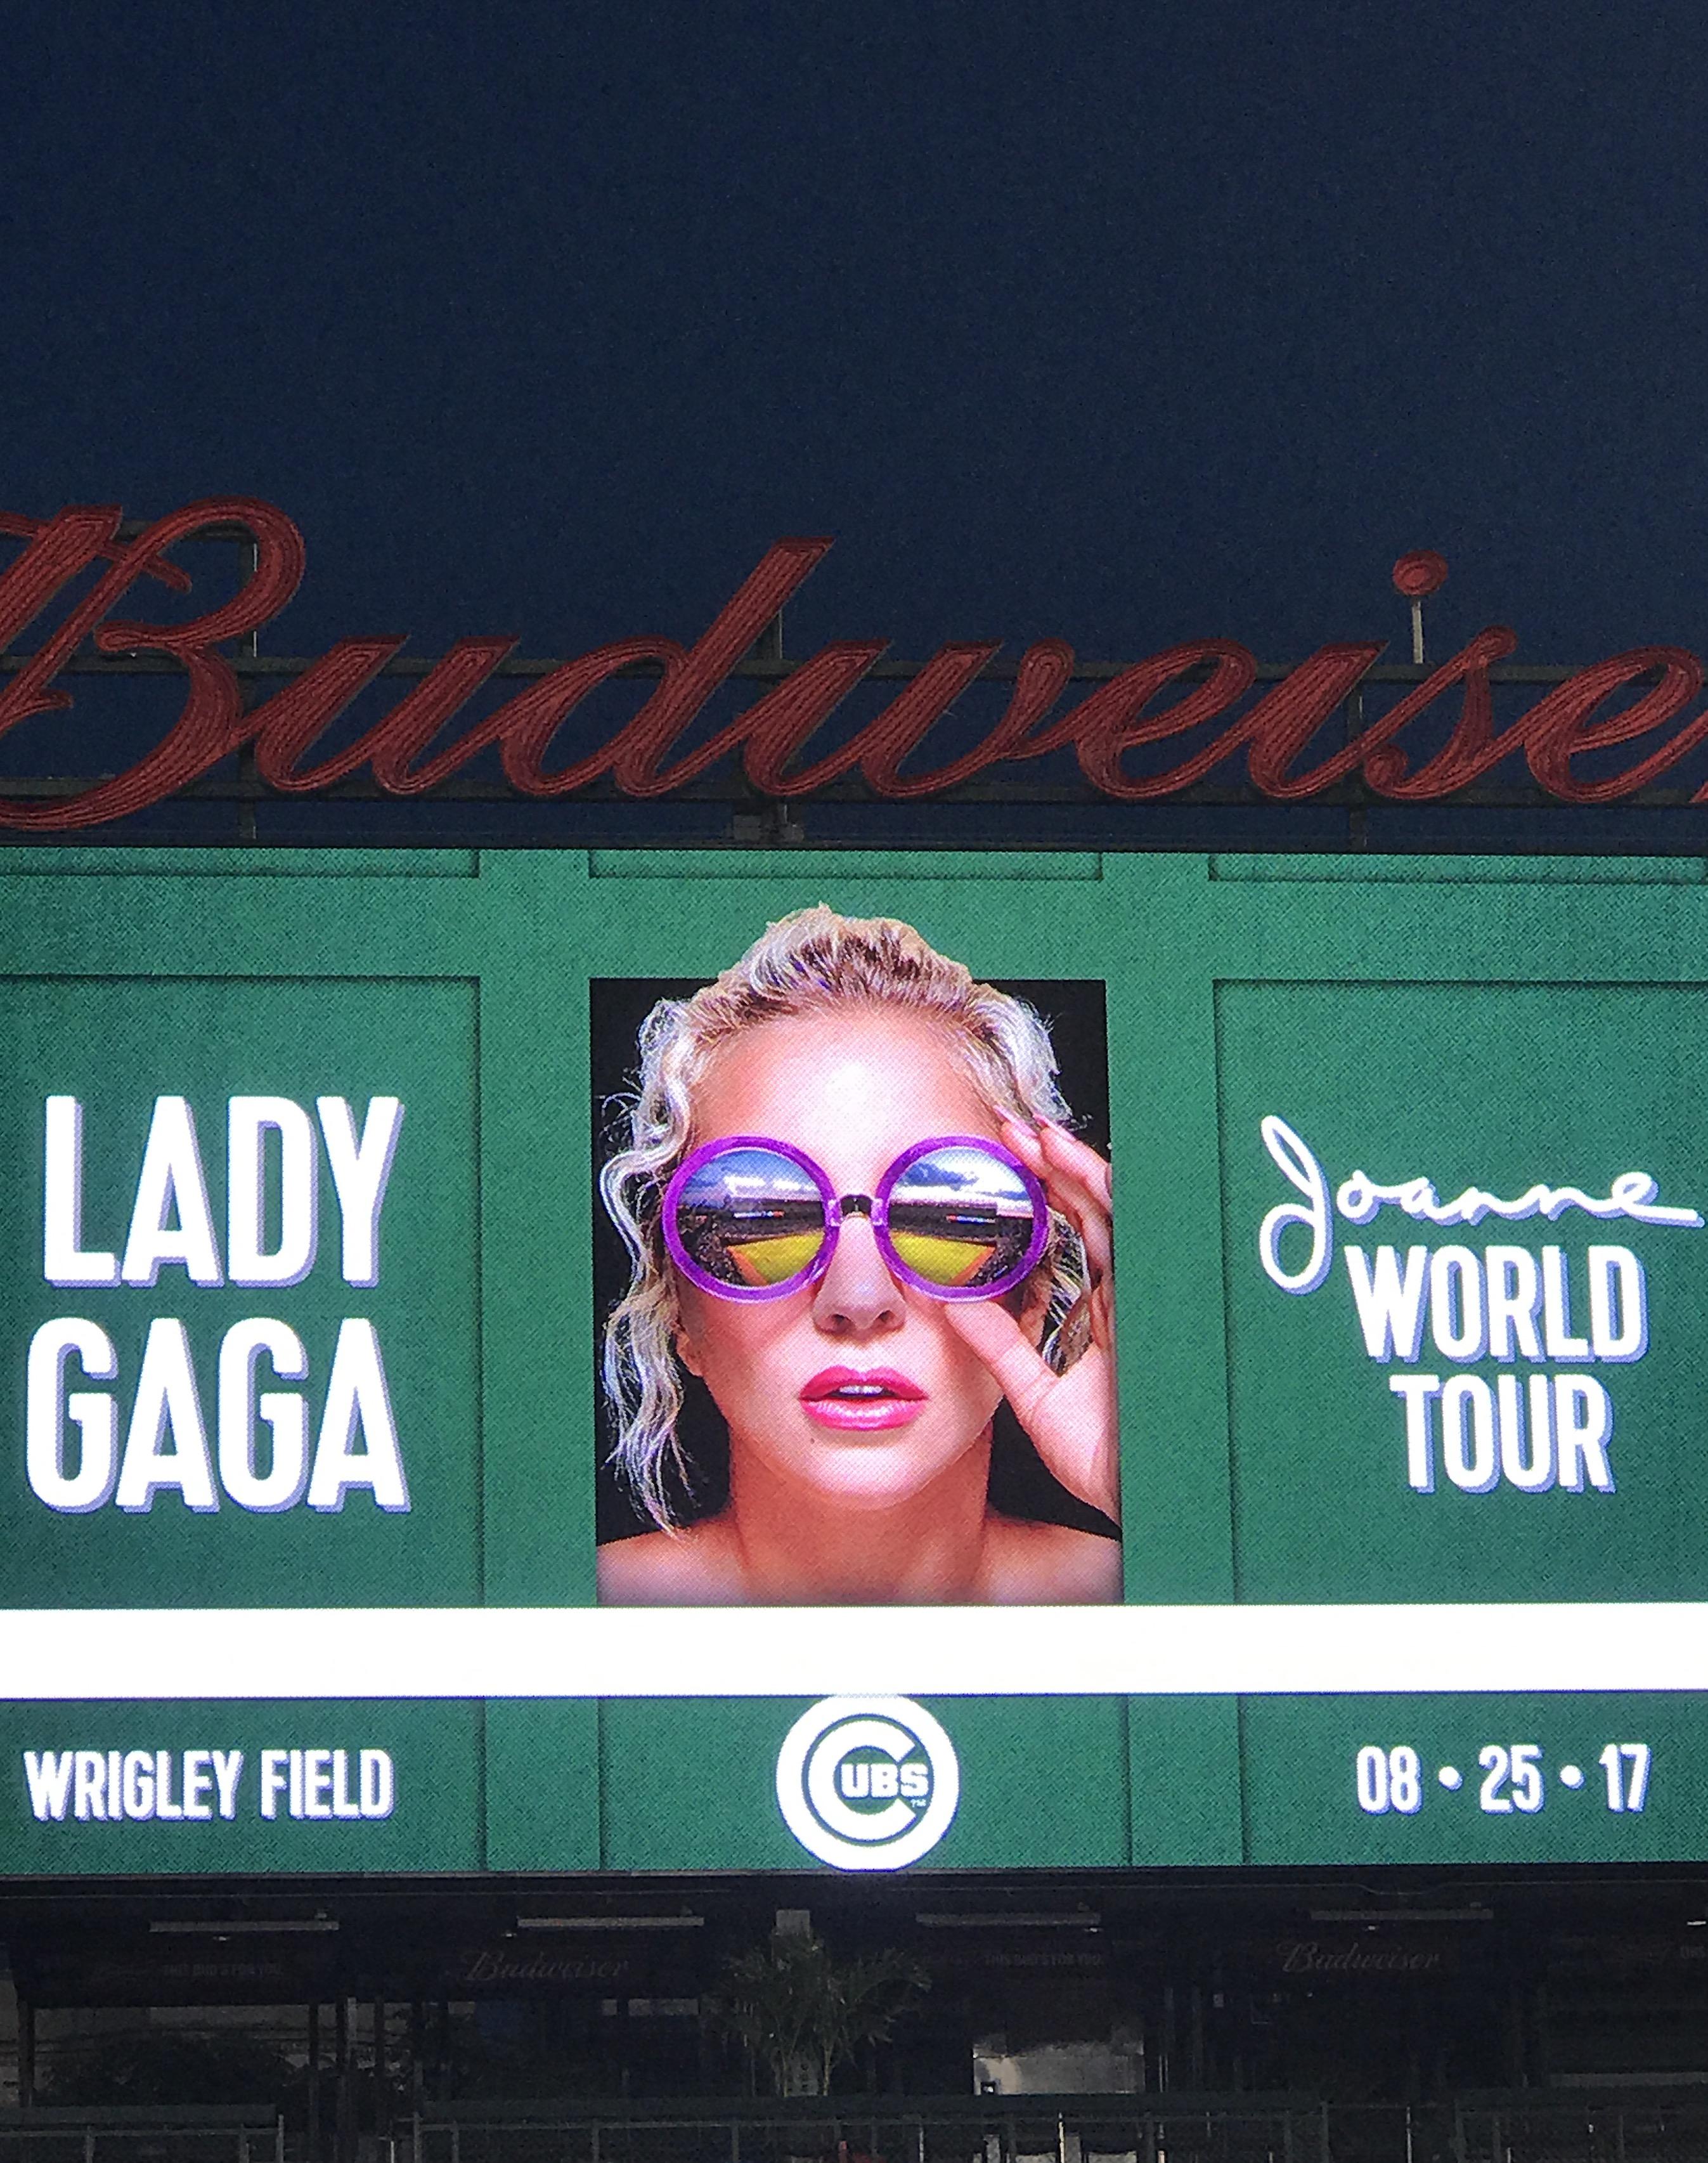 Lady Gaga at Wrigley Field